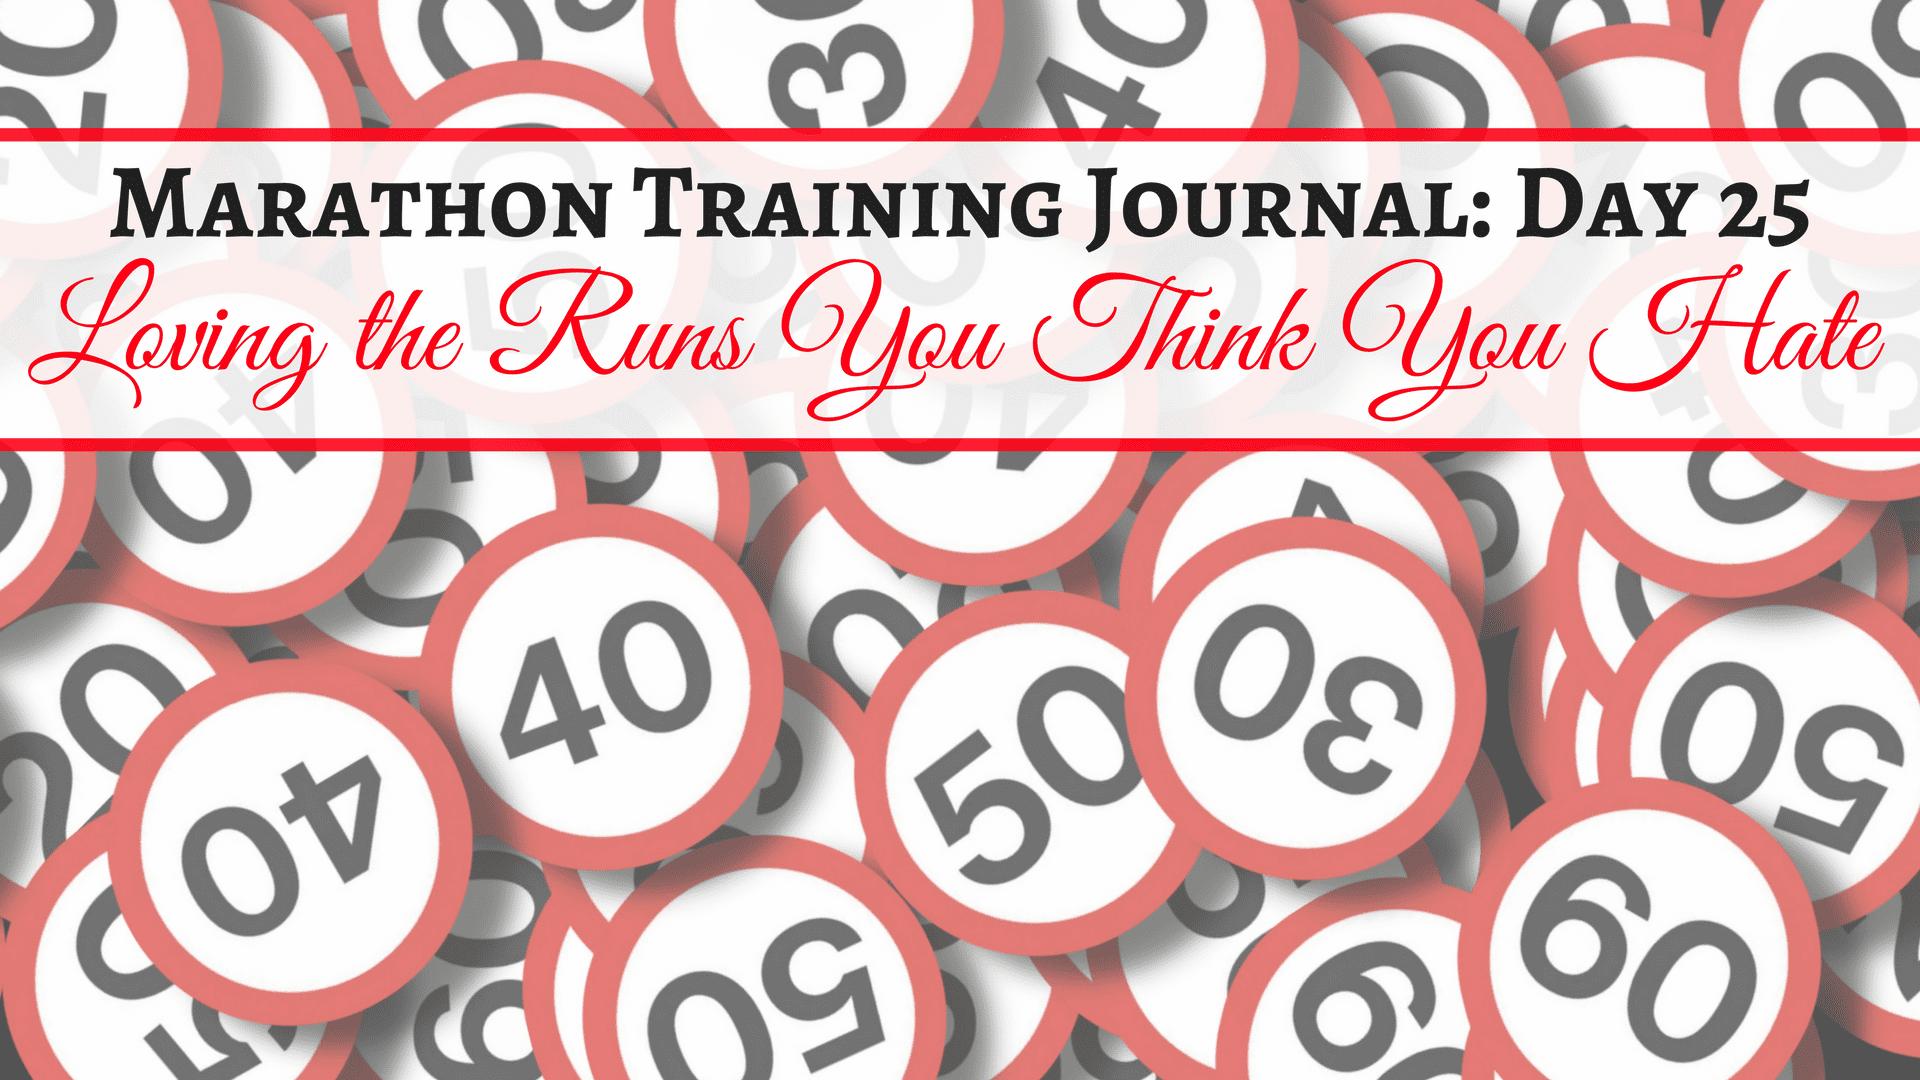 Marathon Training Journal- Day 25 (1)